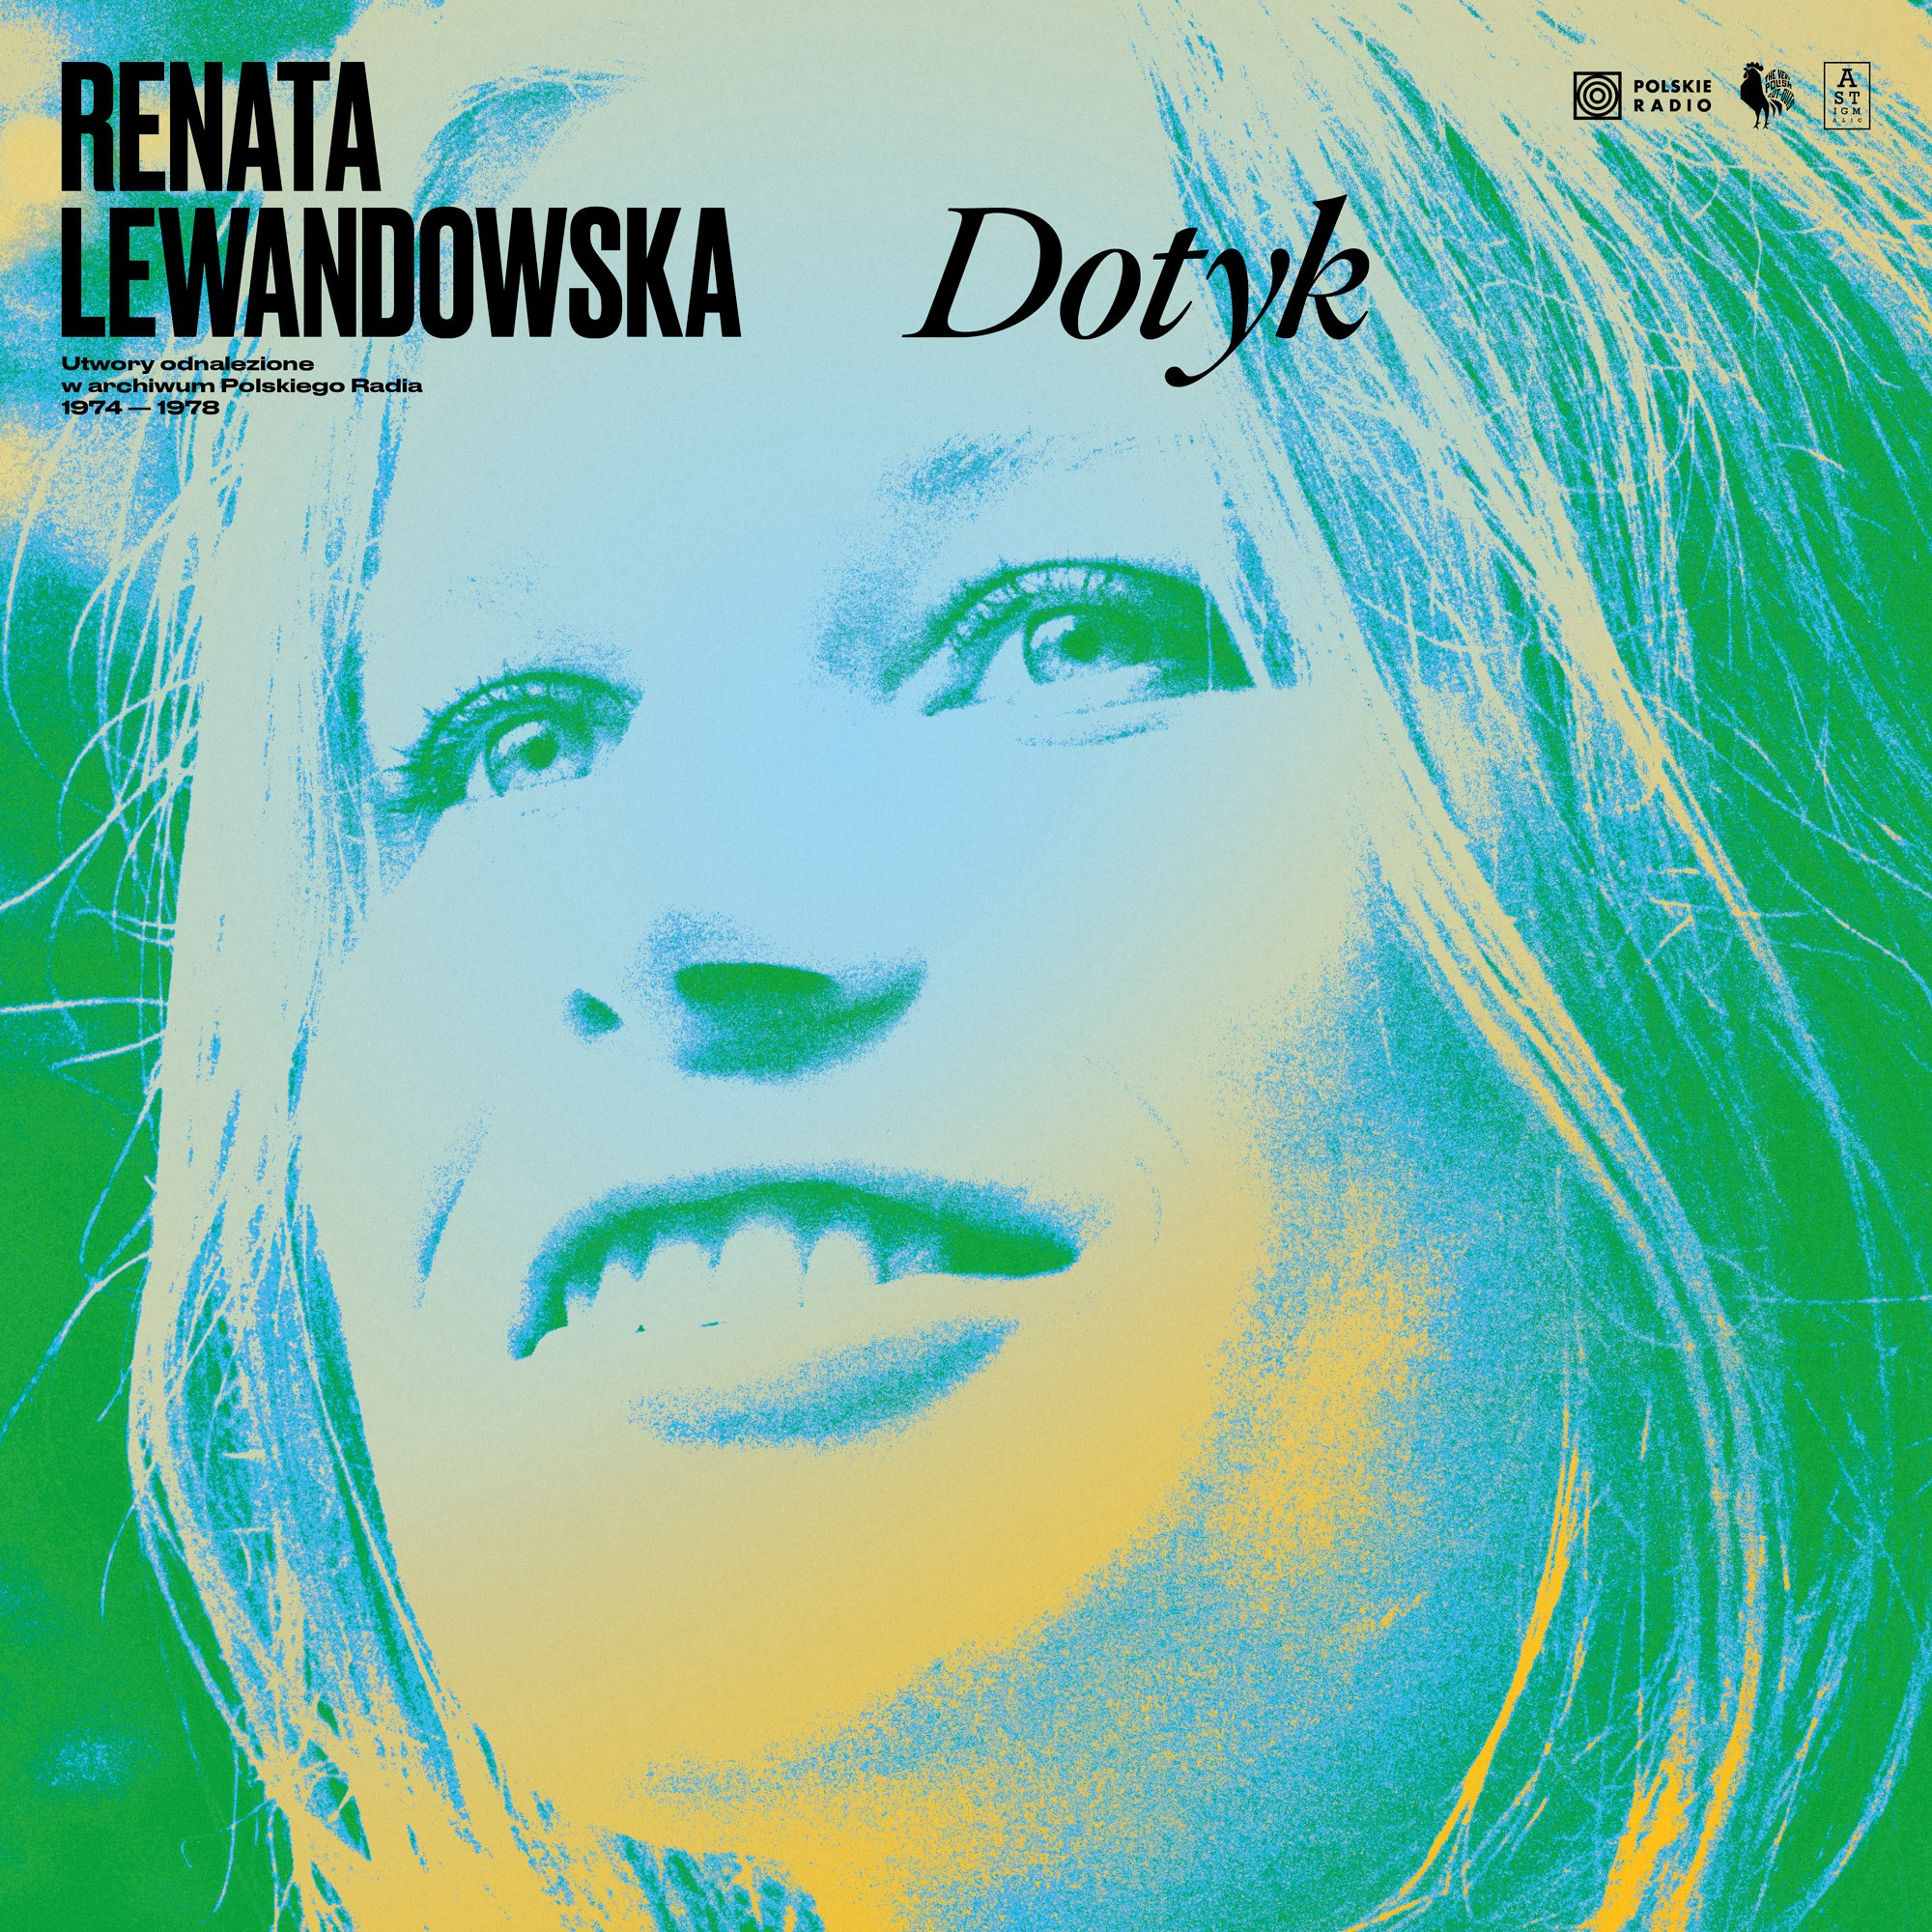 Renata Lewandowska - Dotyk